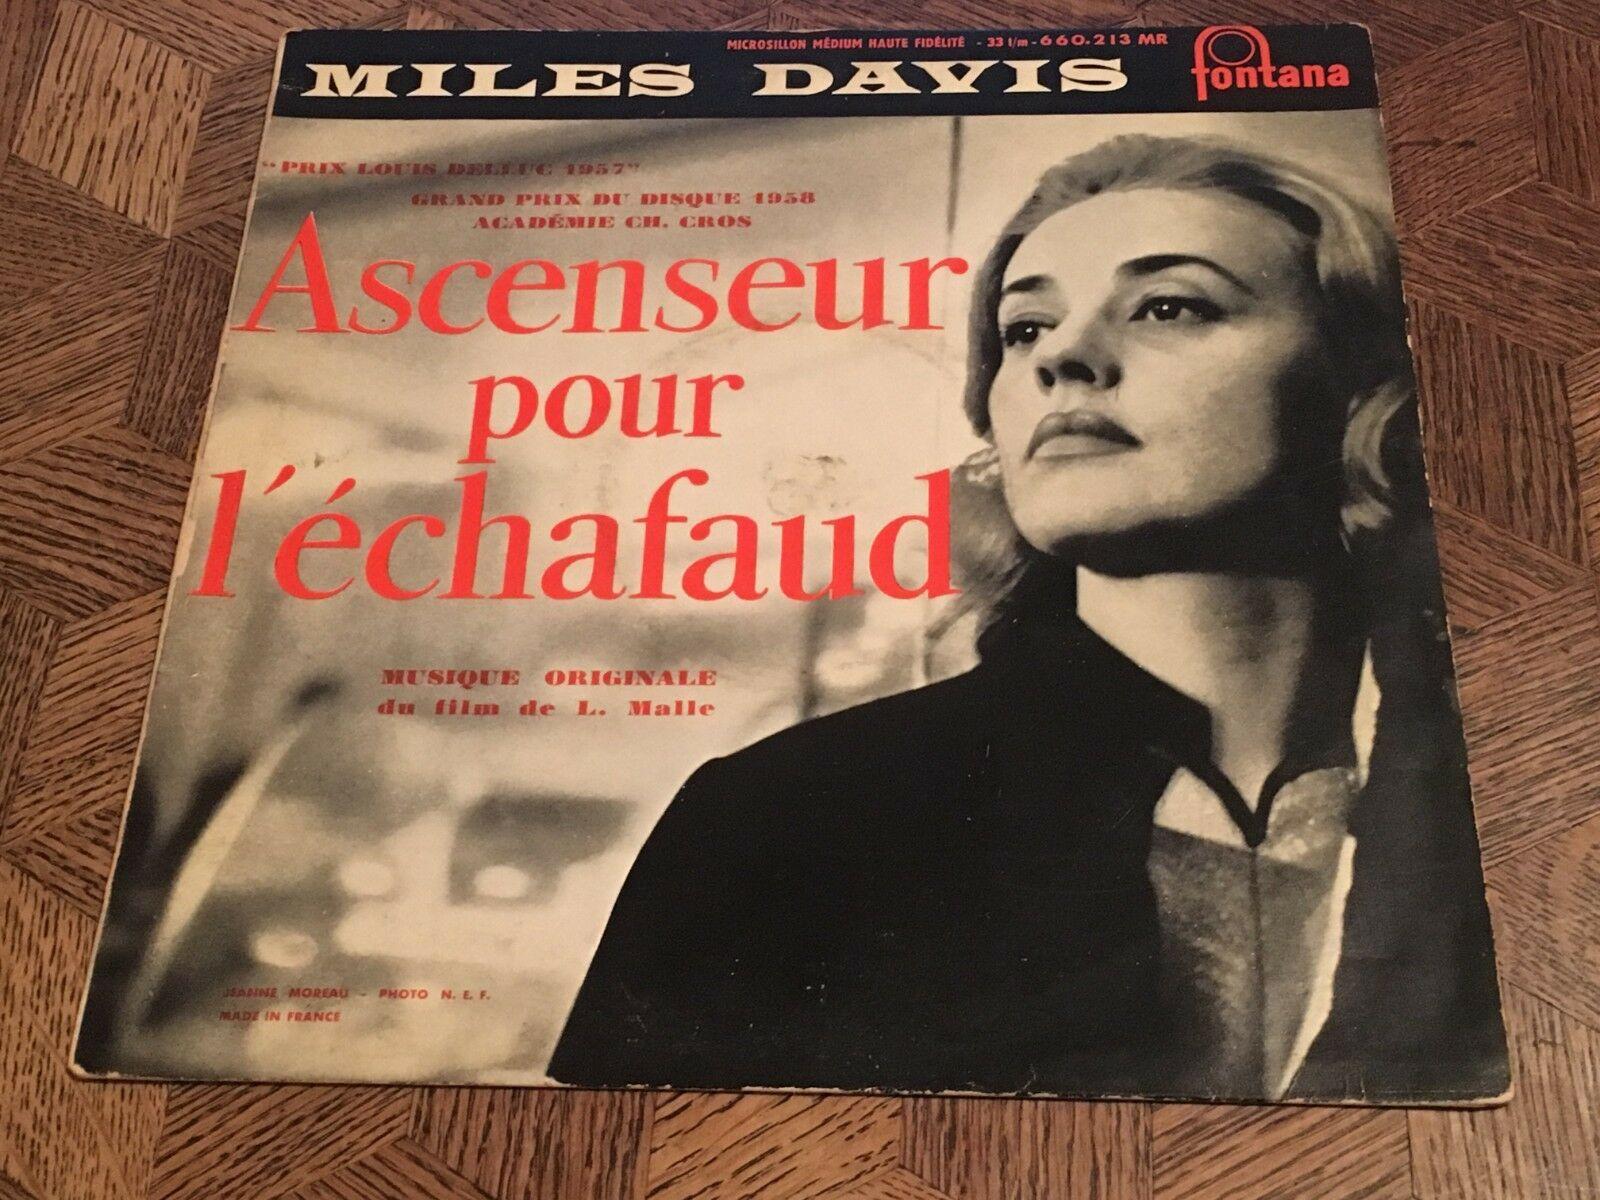 """MILES DAVIS - Ascenseur pour l'echafaud   FONTANA 10"""" 660.213 w/Michelot - RARE"""